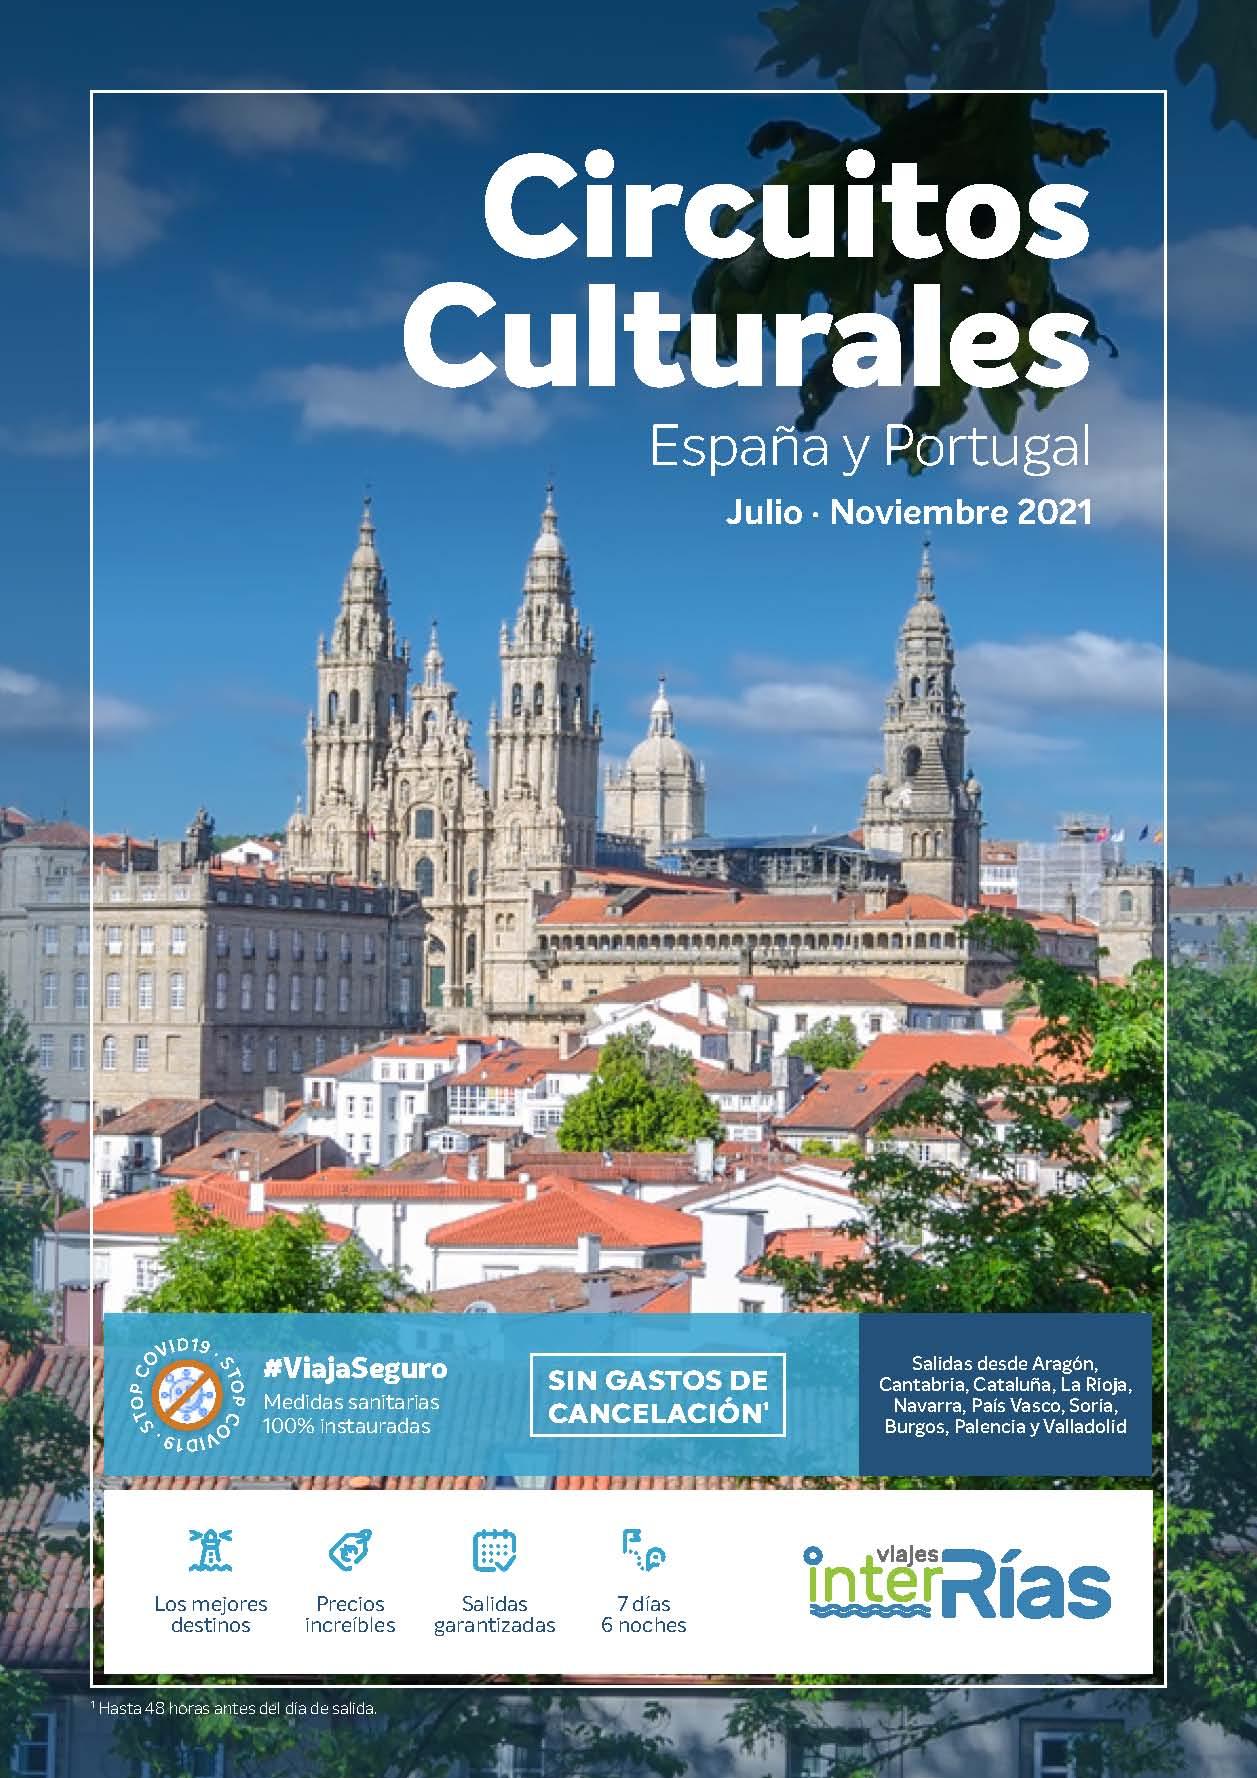 Catalogo Interrias Circuitos Culturales Espana y Portugal Julio a Noviembre 2021 salidas desde zona Noreste